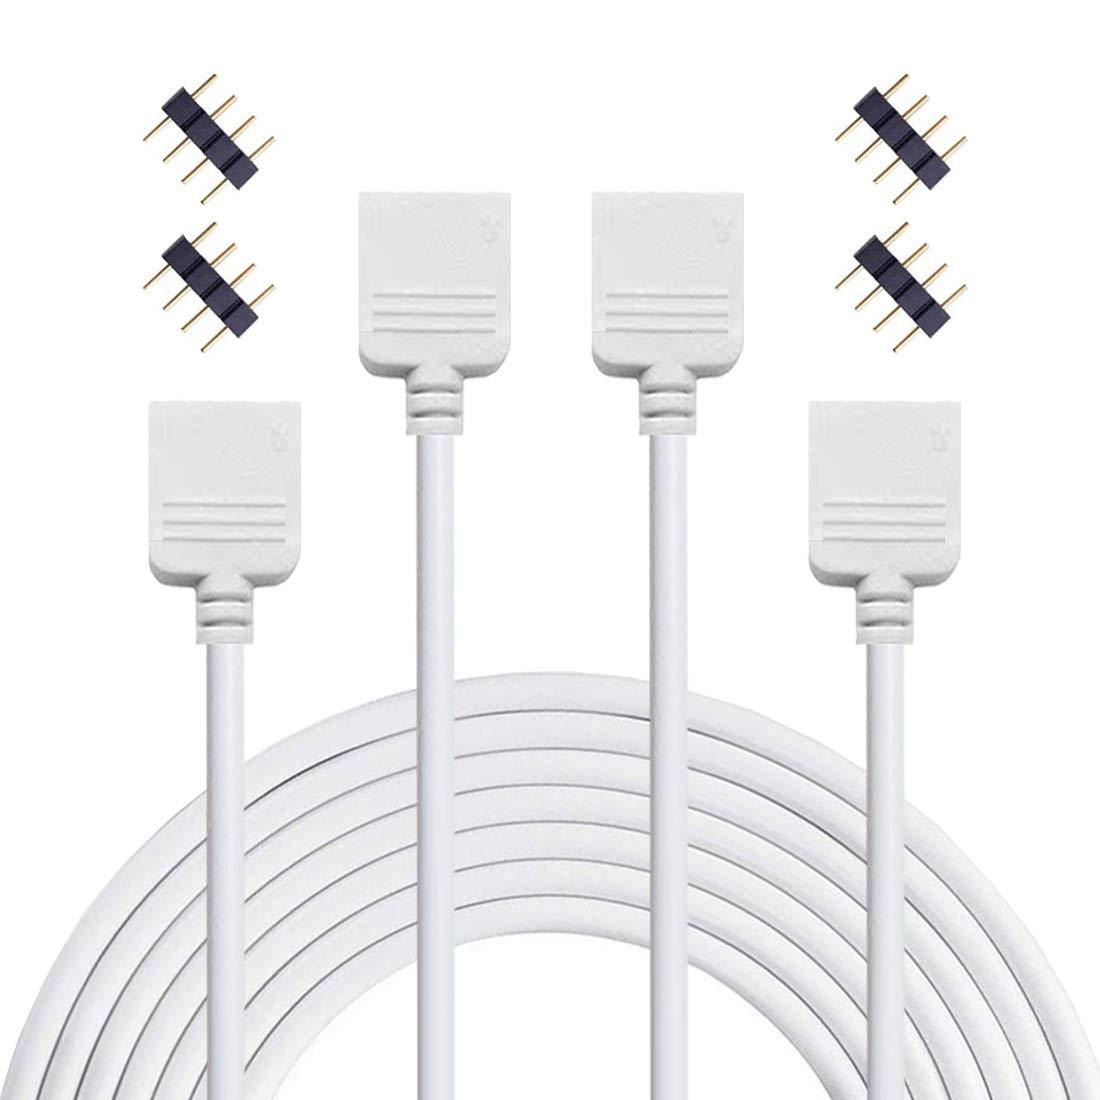 Blanco Liwinting 2 Piezas 4 Pin 5 Metros el Cable de Extensi/ón del RGB del Conecta el Enchufe Femenino a la Luz de Tira de SMD 5050 3528 2835 RGB LED con el Conectador Libre de 4 Piezas 4 Pin